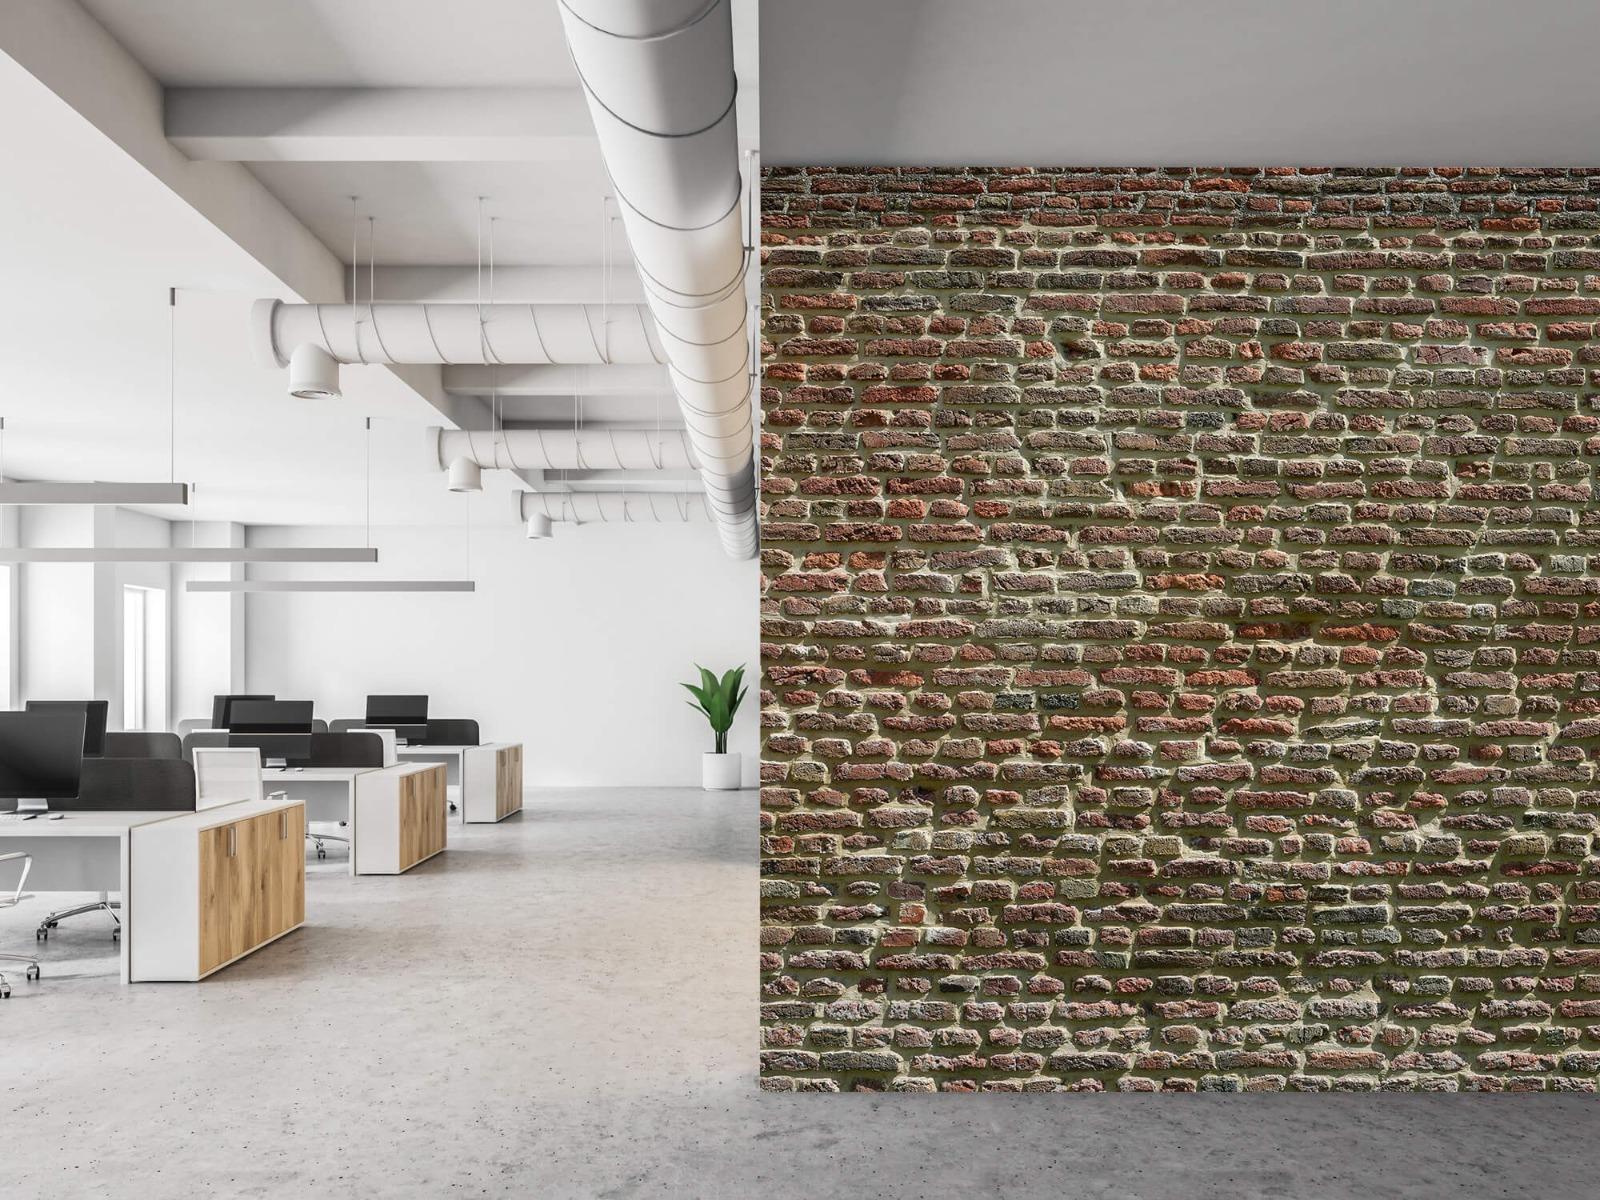 Stenen - Muur van oude bakstenen 22